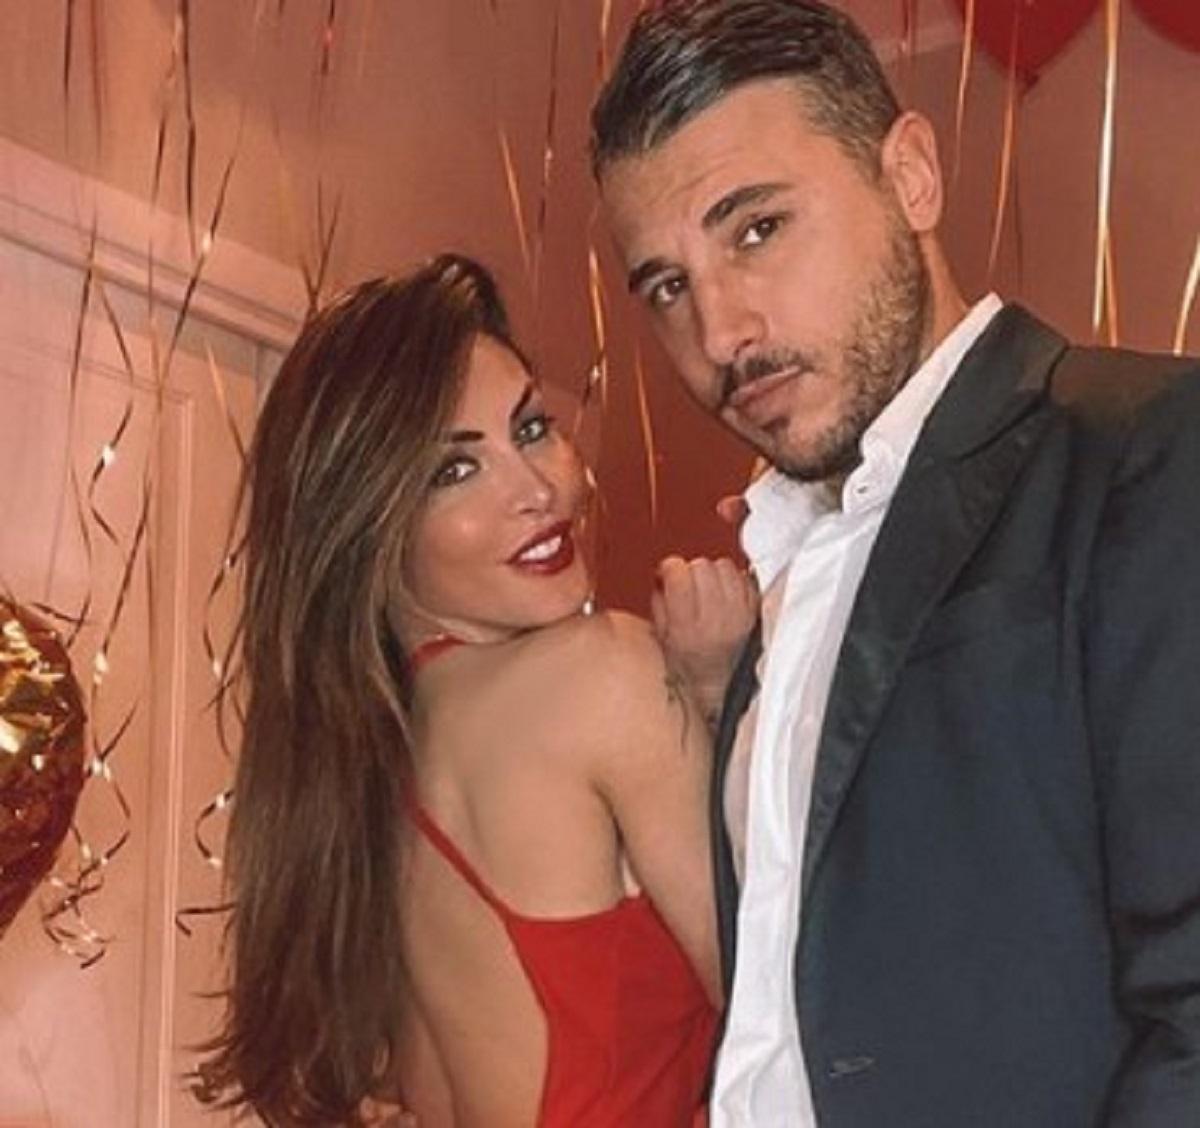 Guendalina Tavassi ex marito Umberto D'Aponte smentita tradimenti